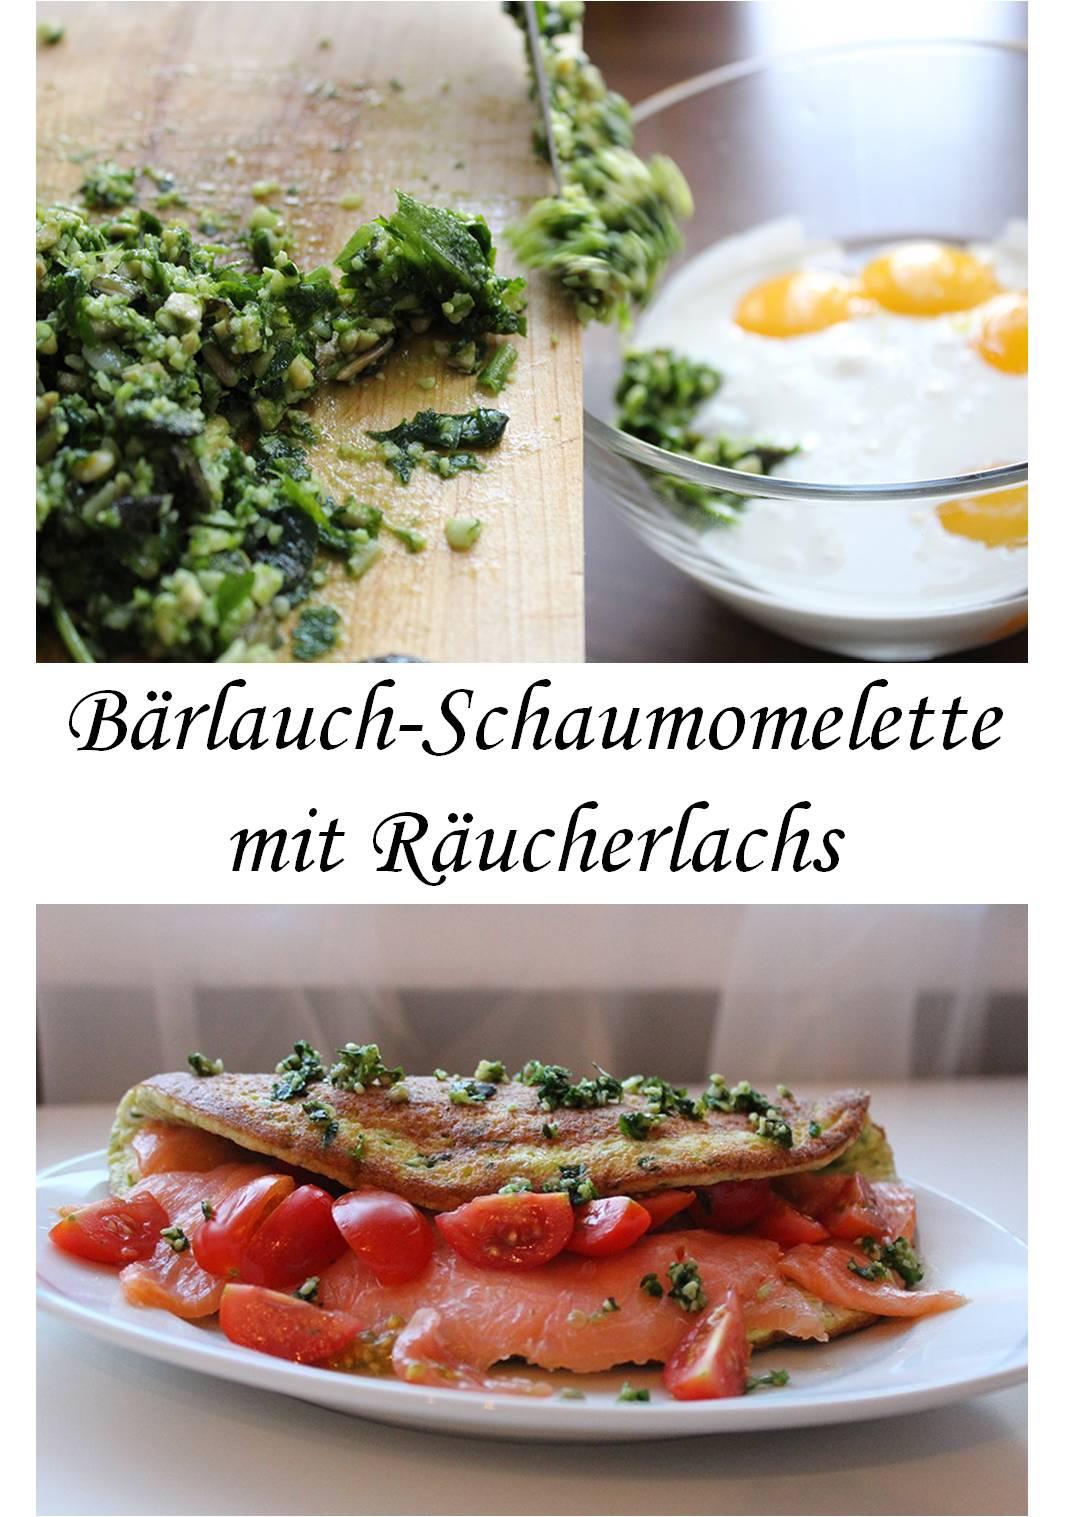 Rezept b rlauch schaumomelette mit r ucherlachs for Schnell lecker kochen